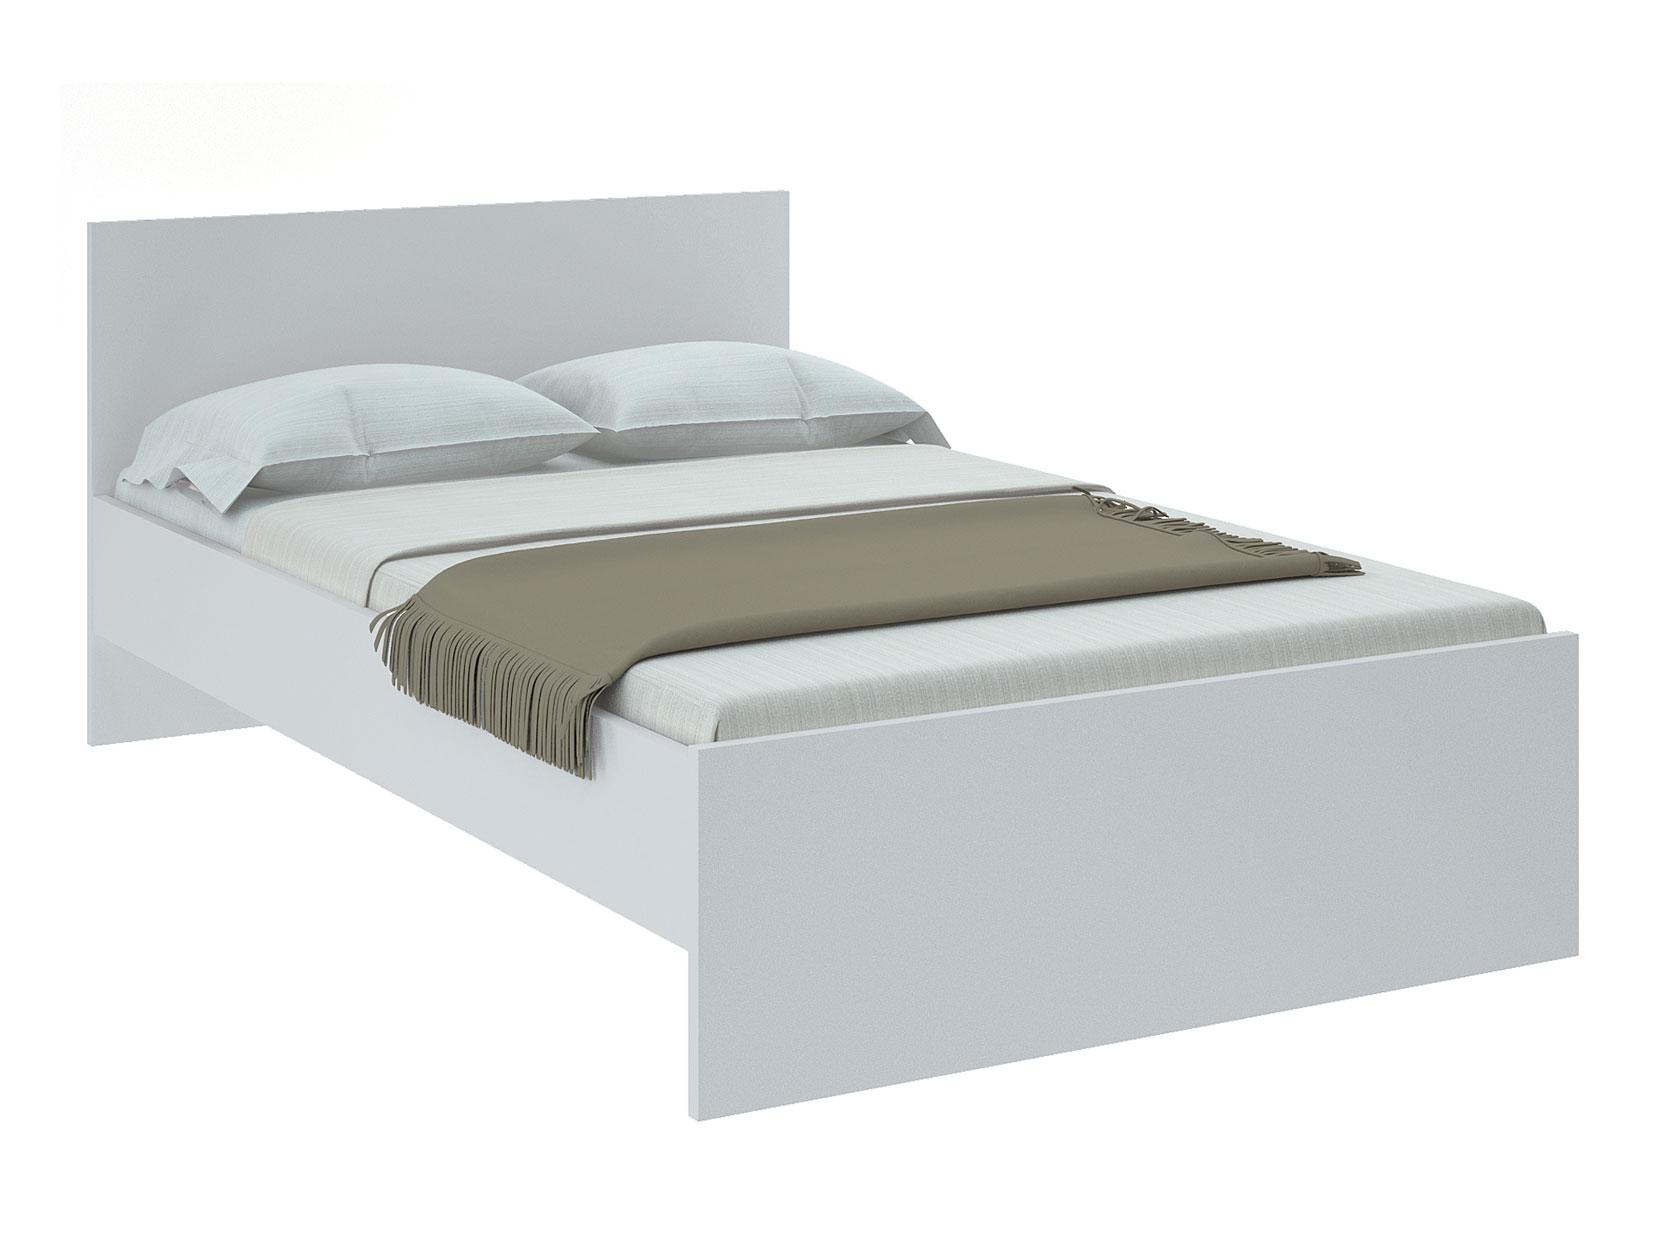 Односпальная кровать НИКОЛЬ Белый, 1200х2000 мм,